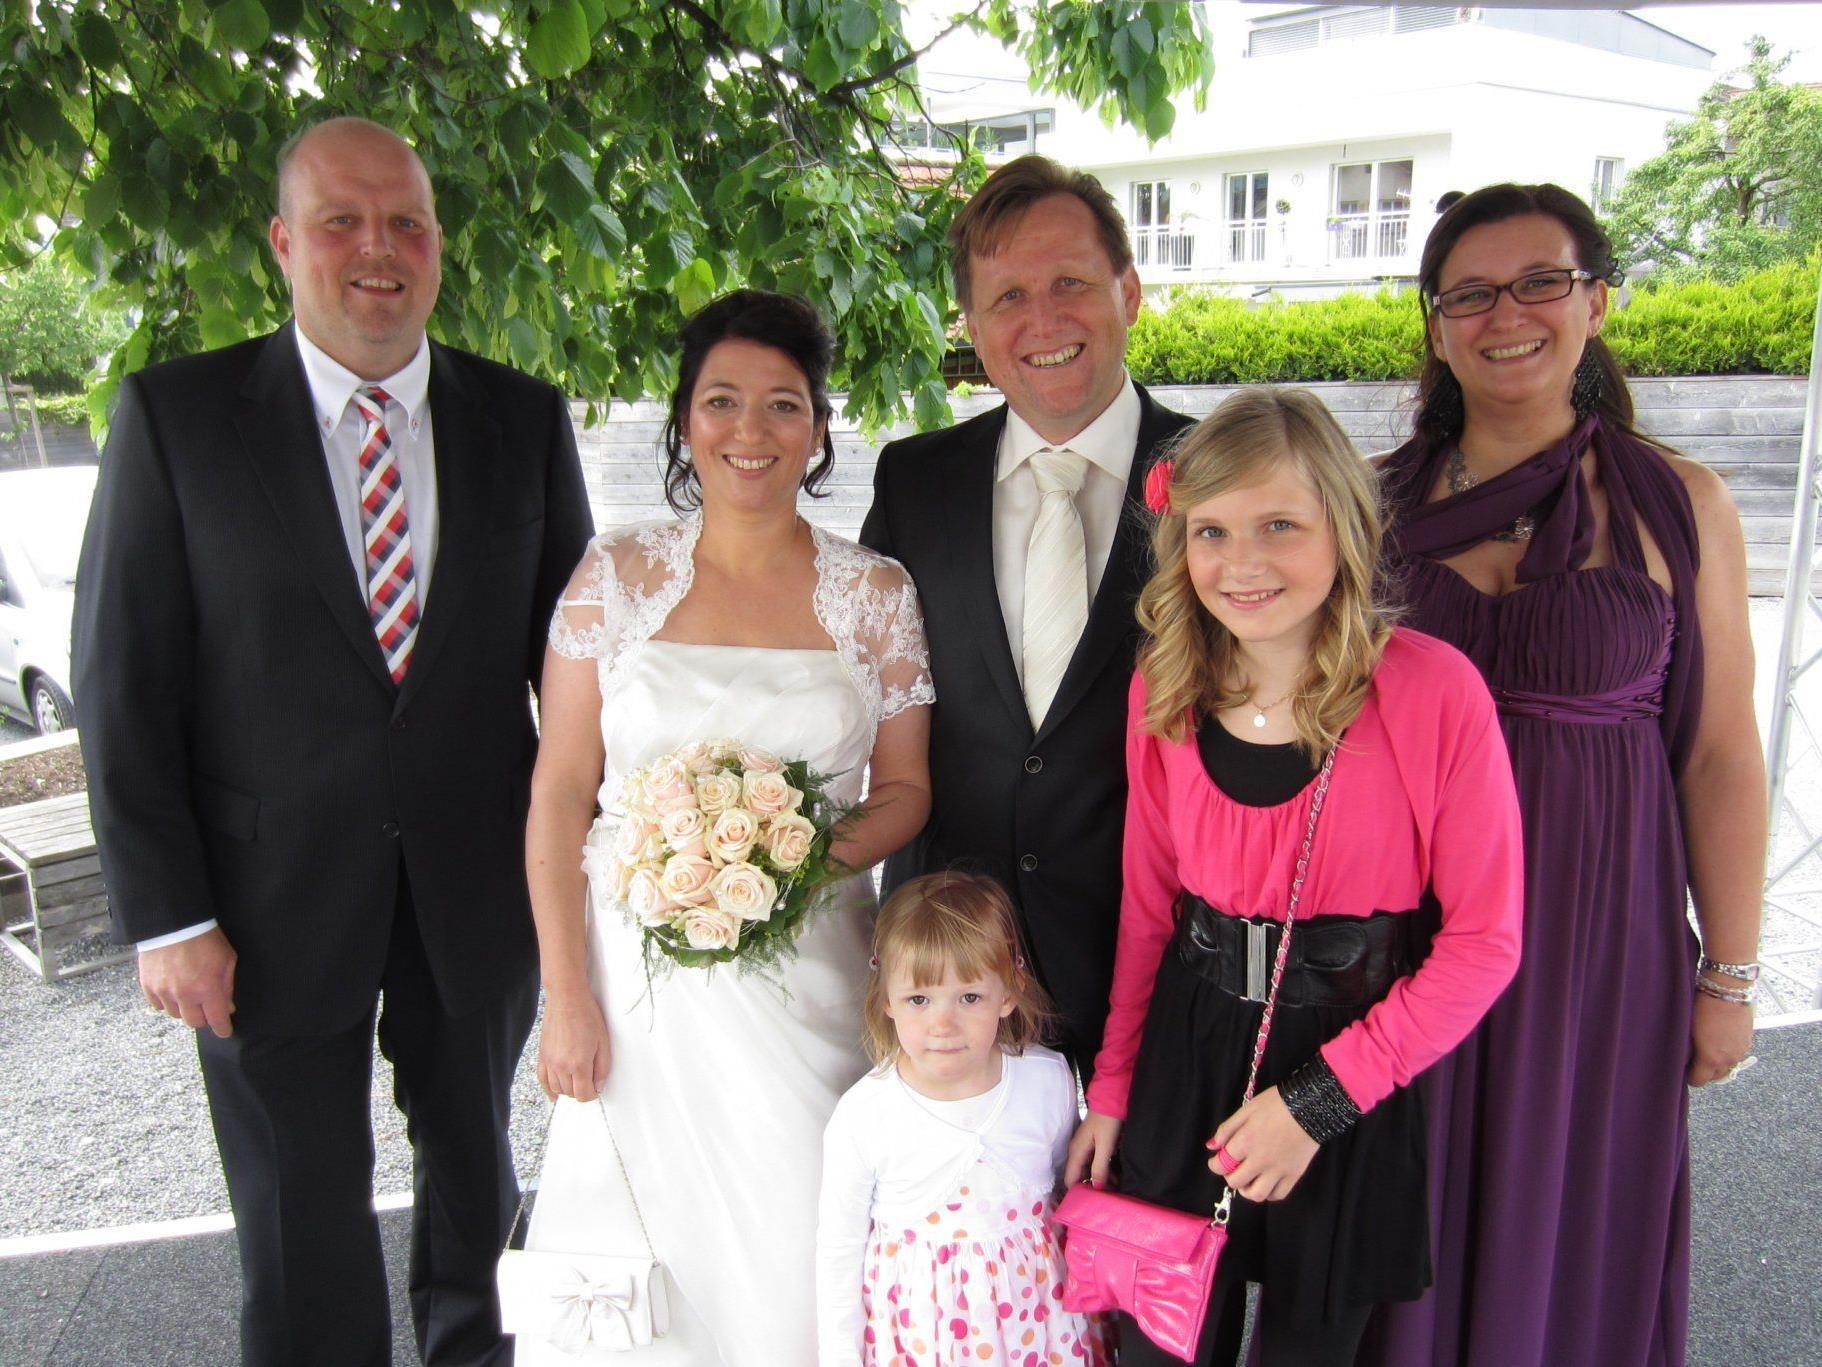 Anita Fleischhacker und Werner Schmucker haben geheiratet.